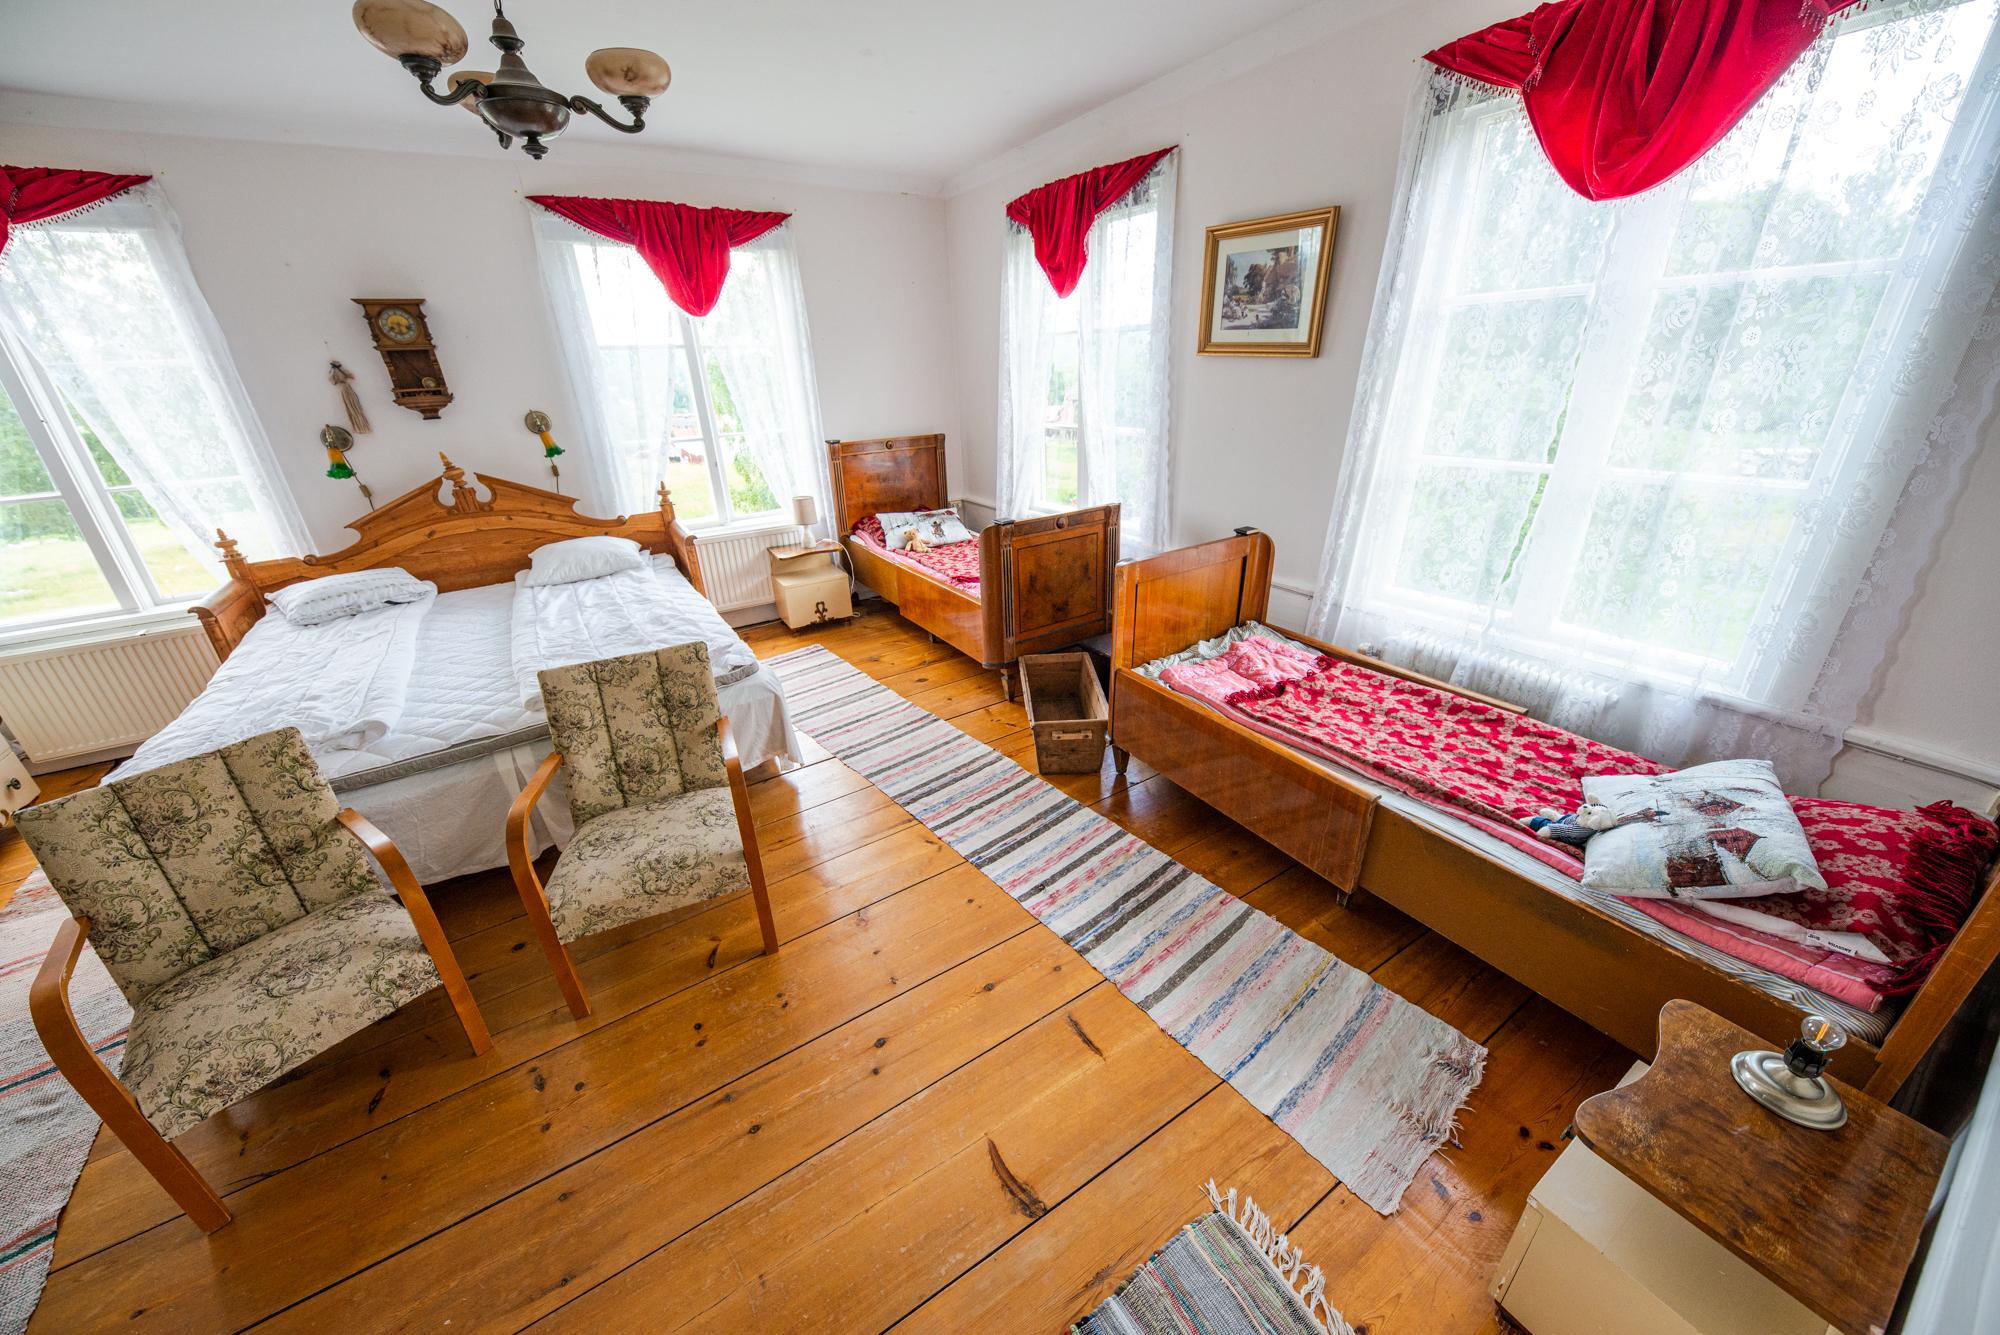 Lôkes Hälsingegård Järvsö med 8 sovrum och drygt 20 bäddar